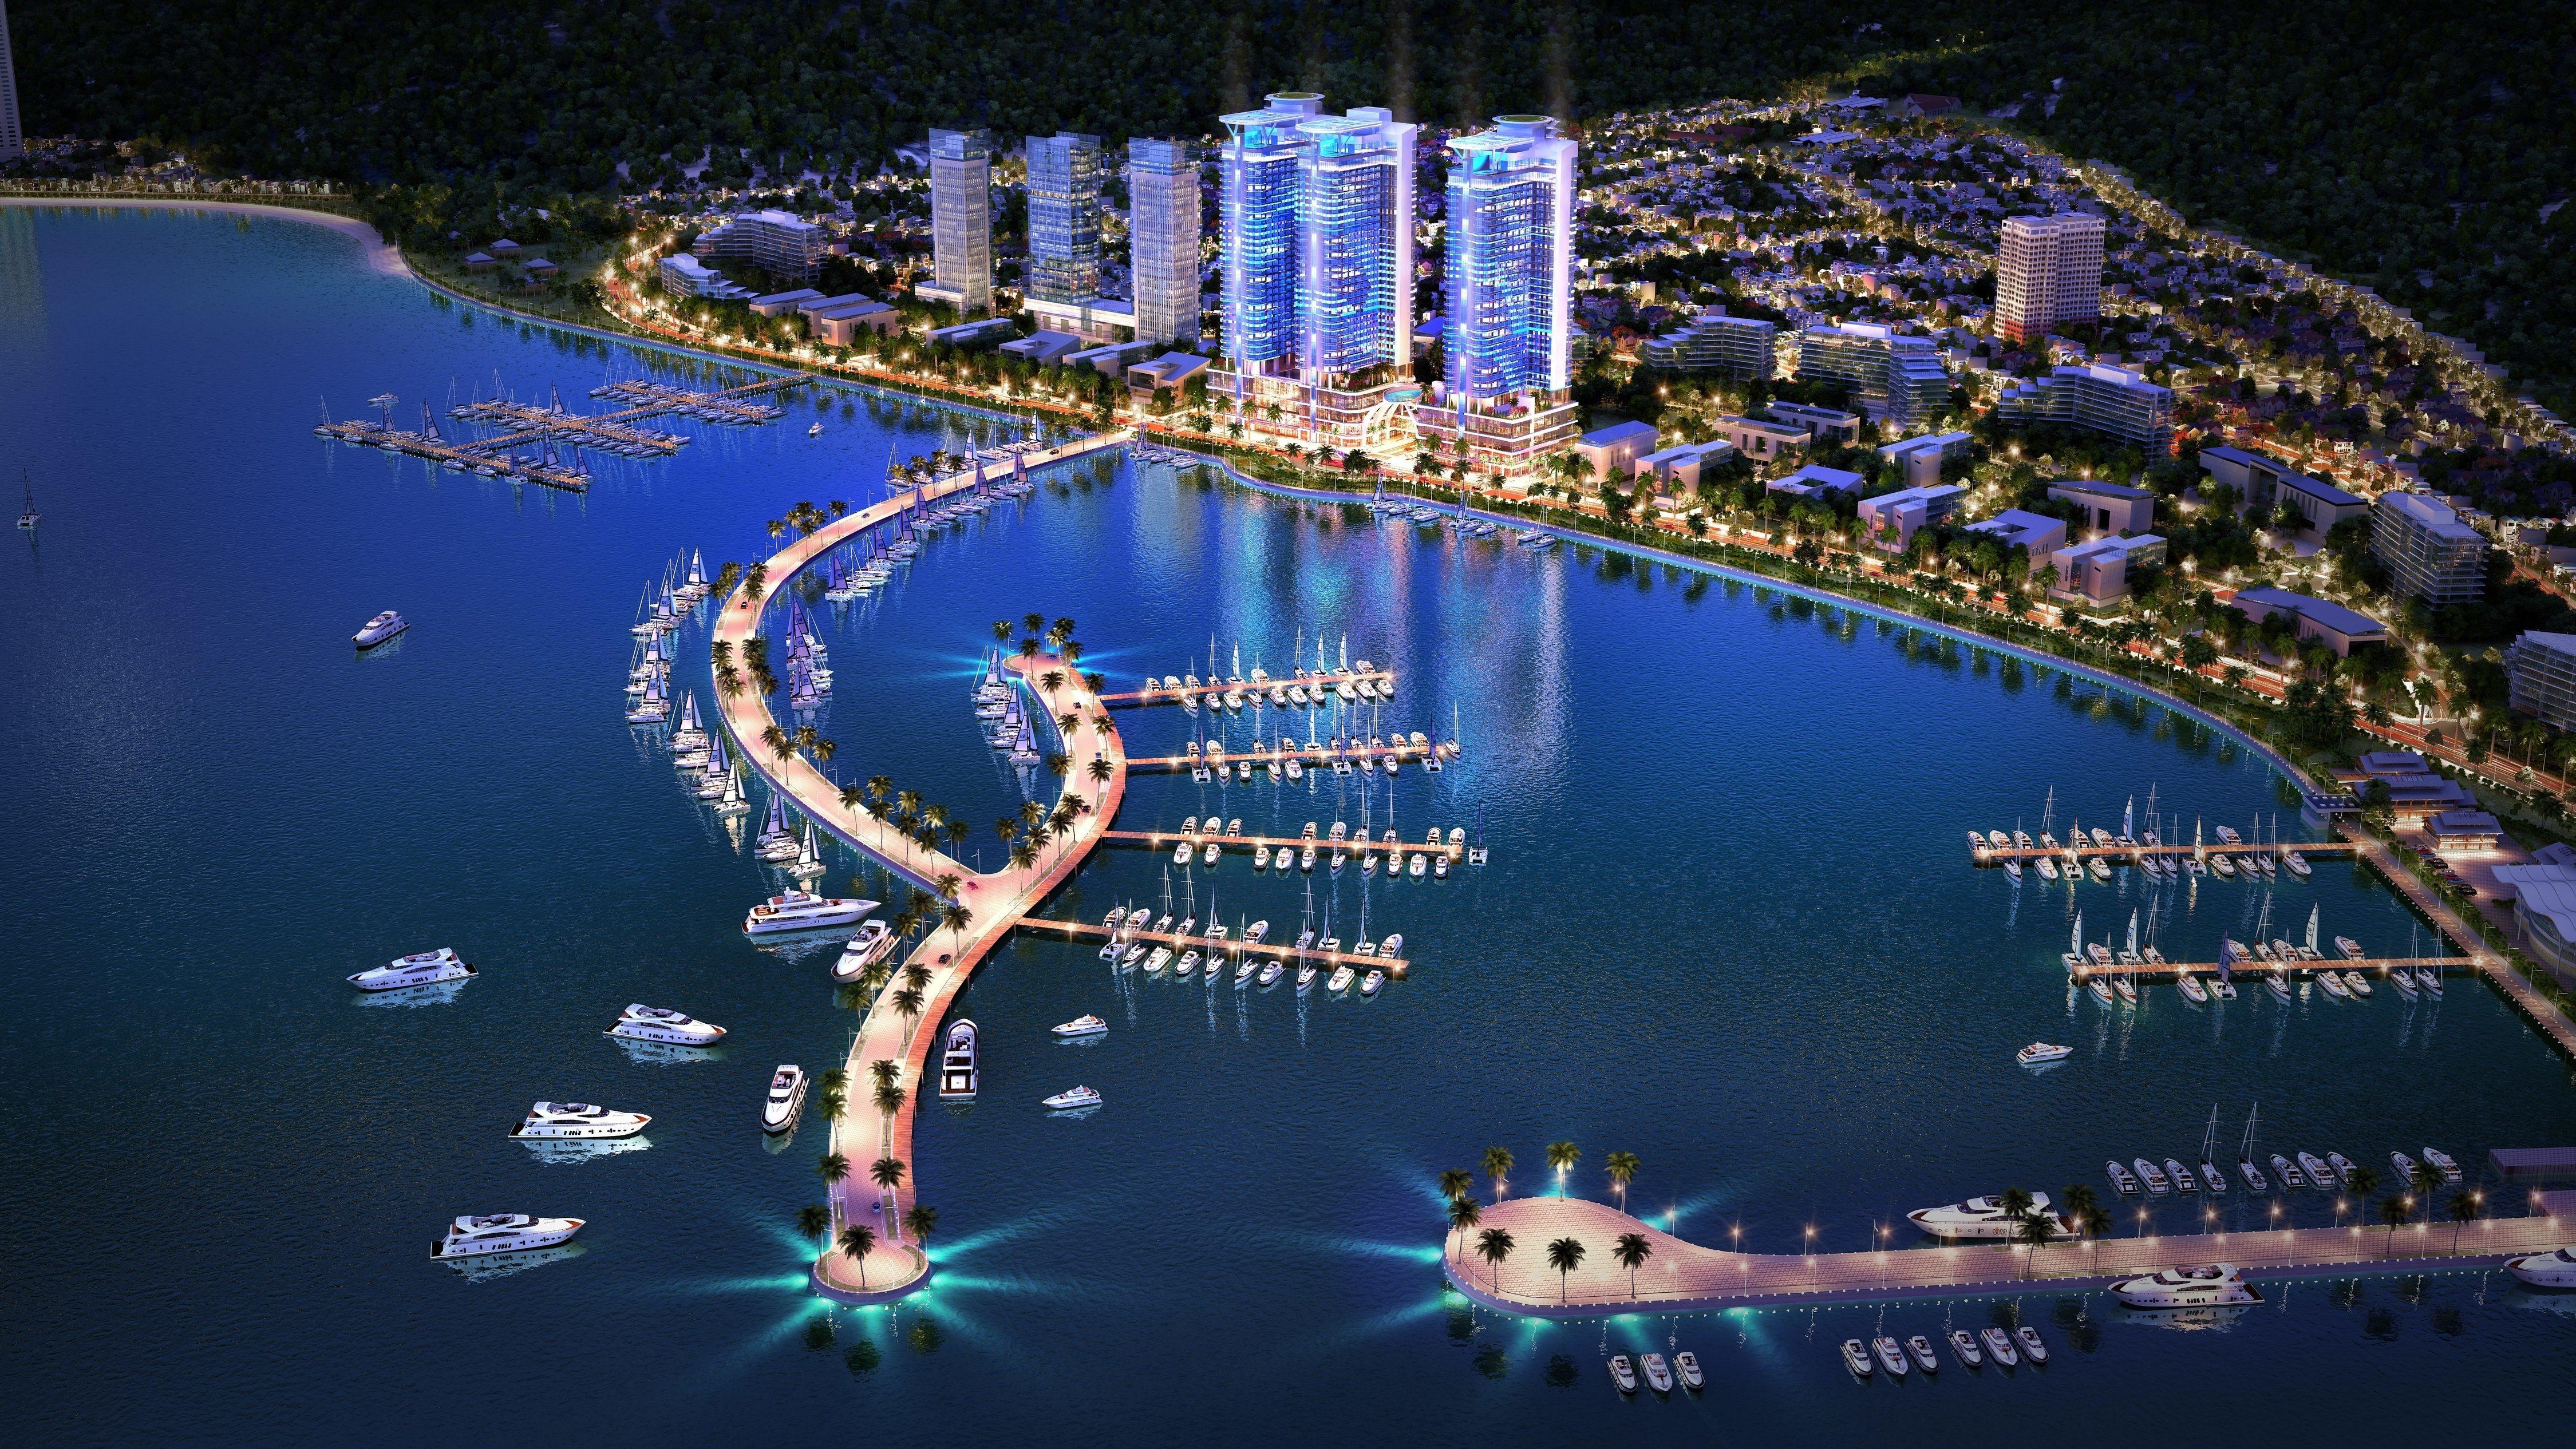 Nhà đầu tư kỳ vọng gì trước ngày mở bán condotel tại dự án Swisstouches La Luna Resort?